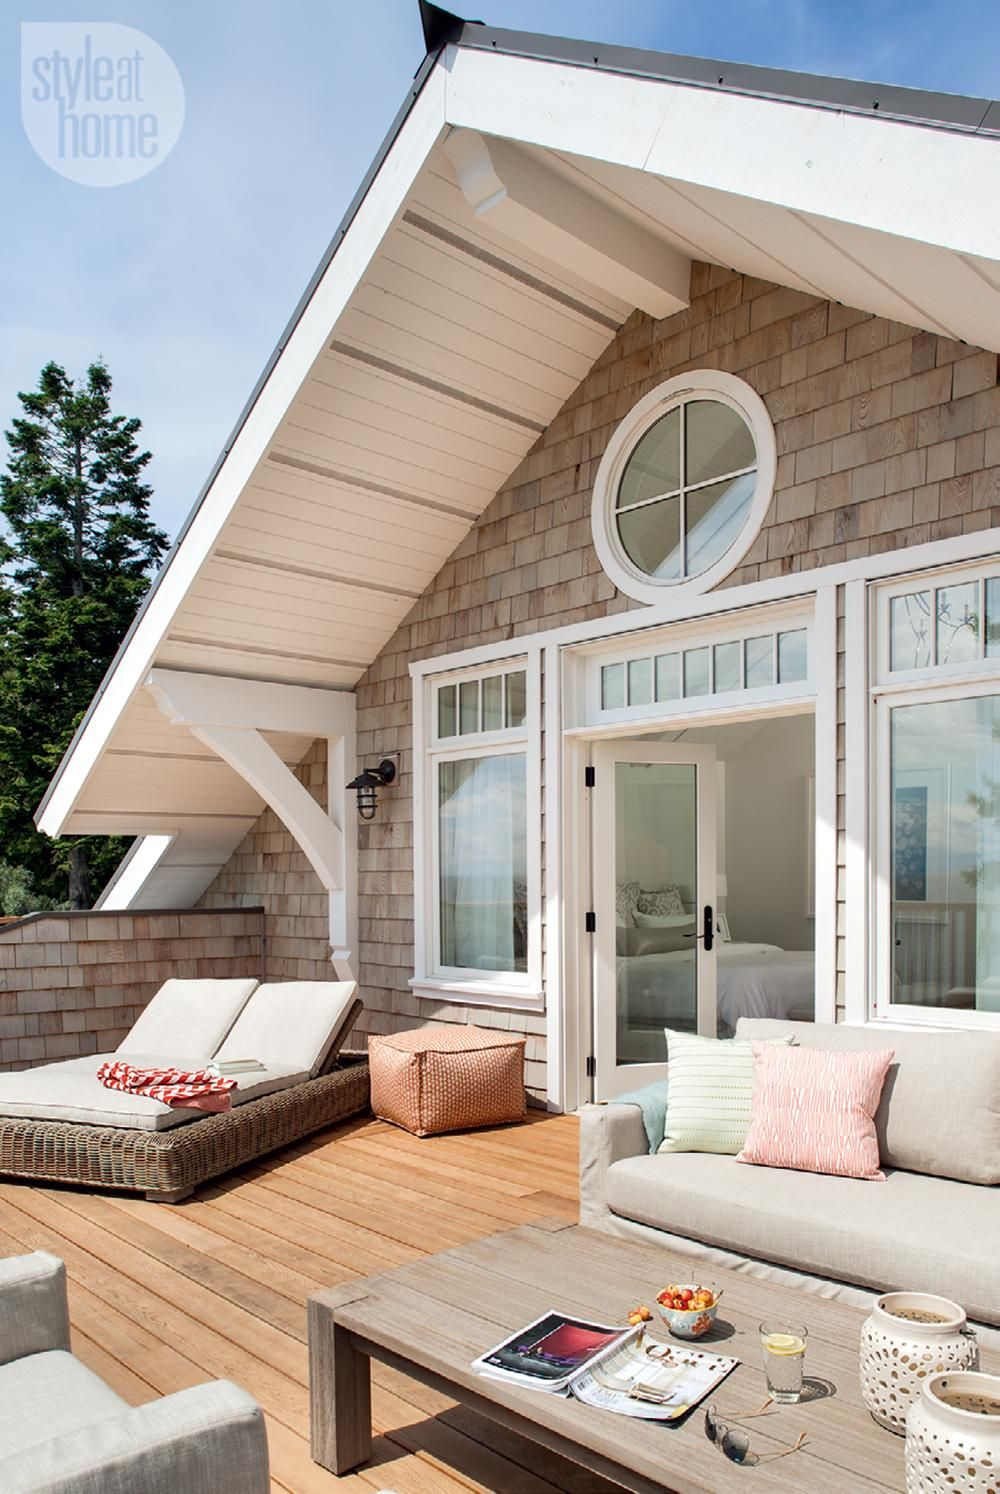 Case E Stili Design house tour: neutral nautical lake house | stili di casa